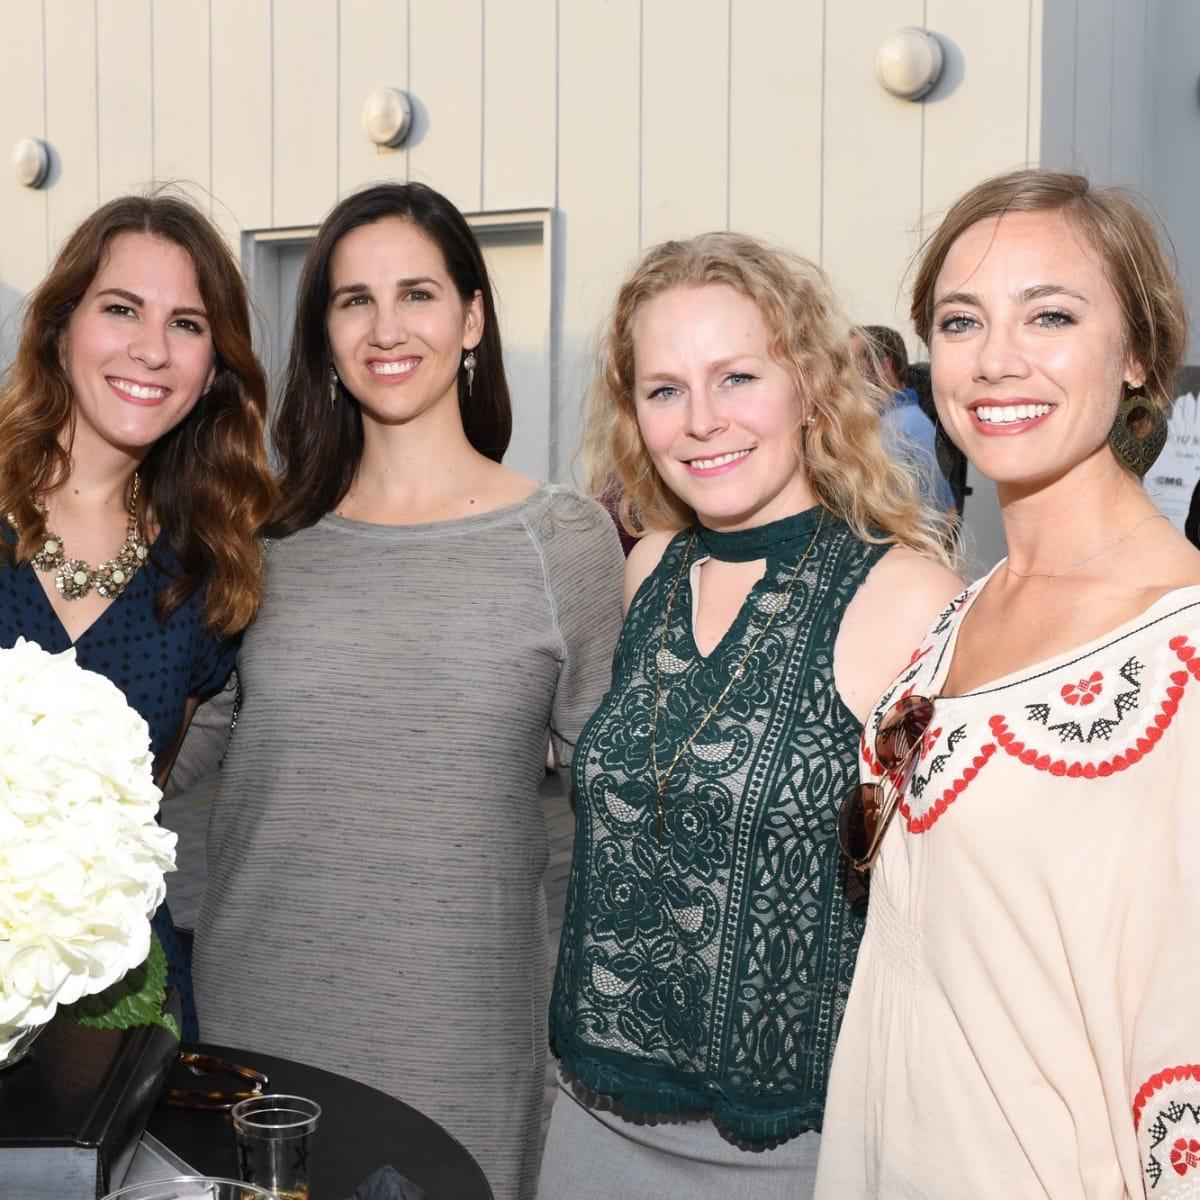 Kristin Rozanski, Kirstin Brenders, Emily Smith, Mary Maloney at Barbara Bush Foundation gala kickoff